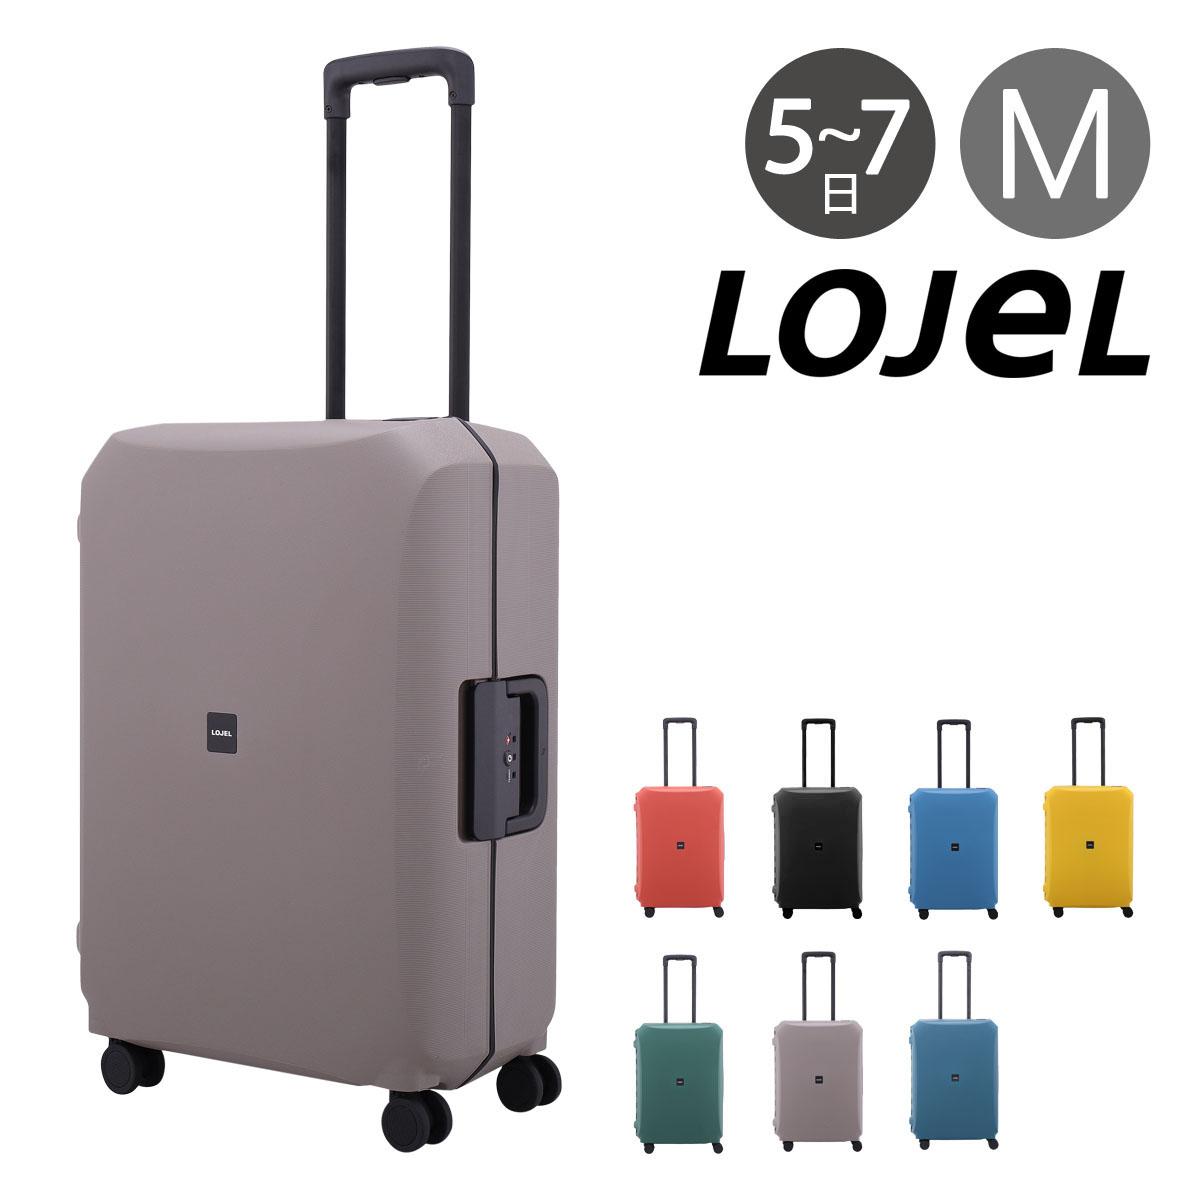 ロジェール スーツケース 66L 60cm Voja VOJA-M ハード | LOJEL | TSAロック搭載 キャリーバッグ キャリーケース [PO10][bef][即日発送]